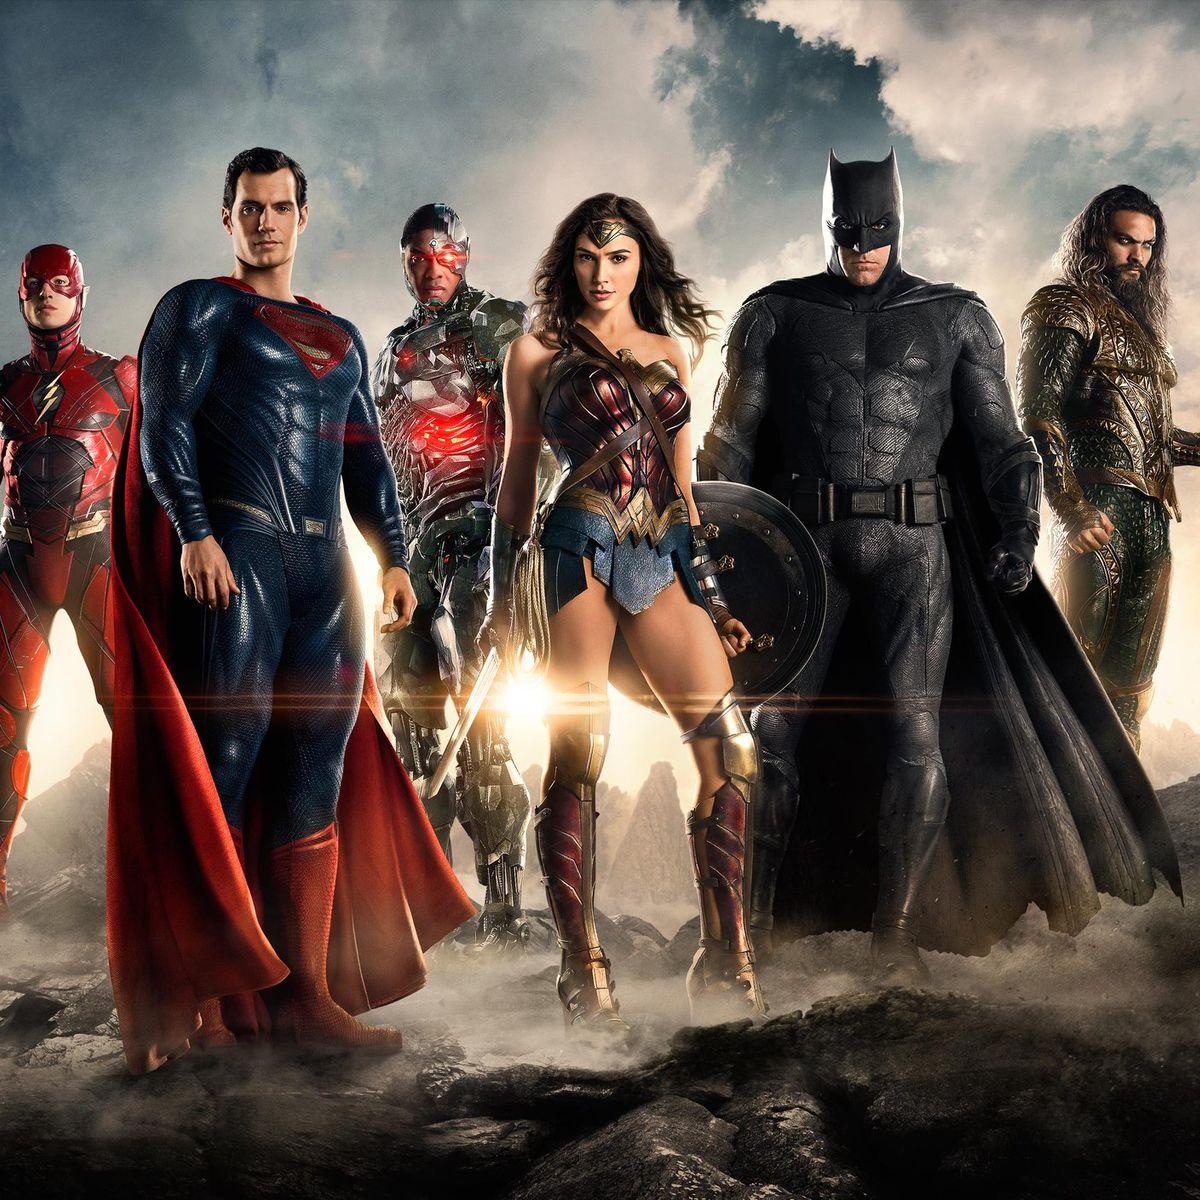 justice-league-movie-2017-cast.jpg